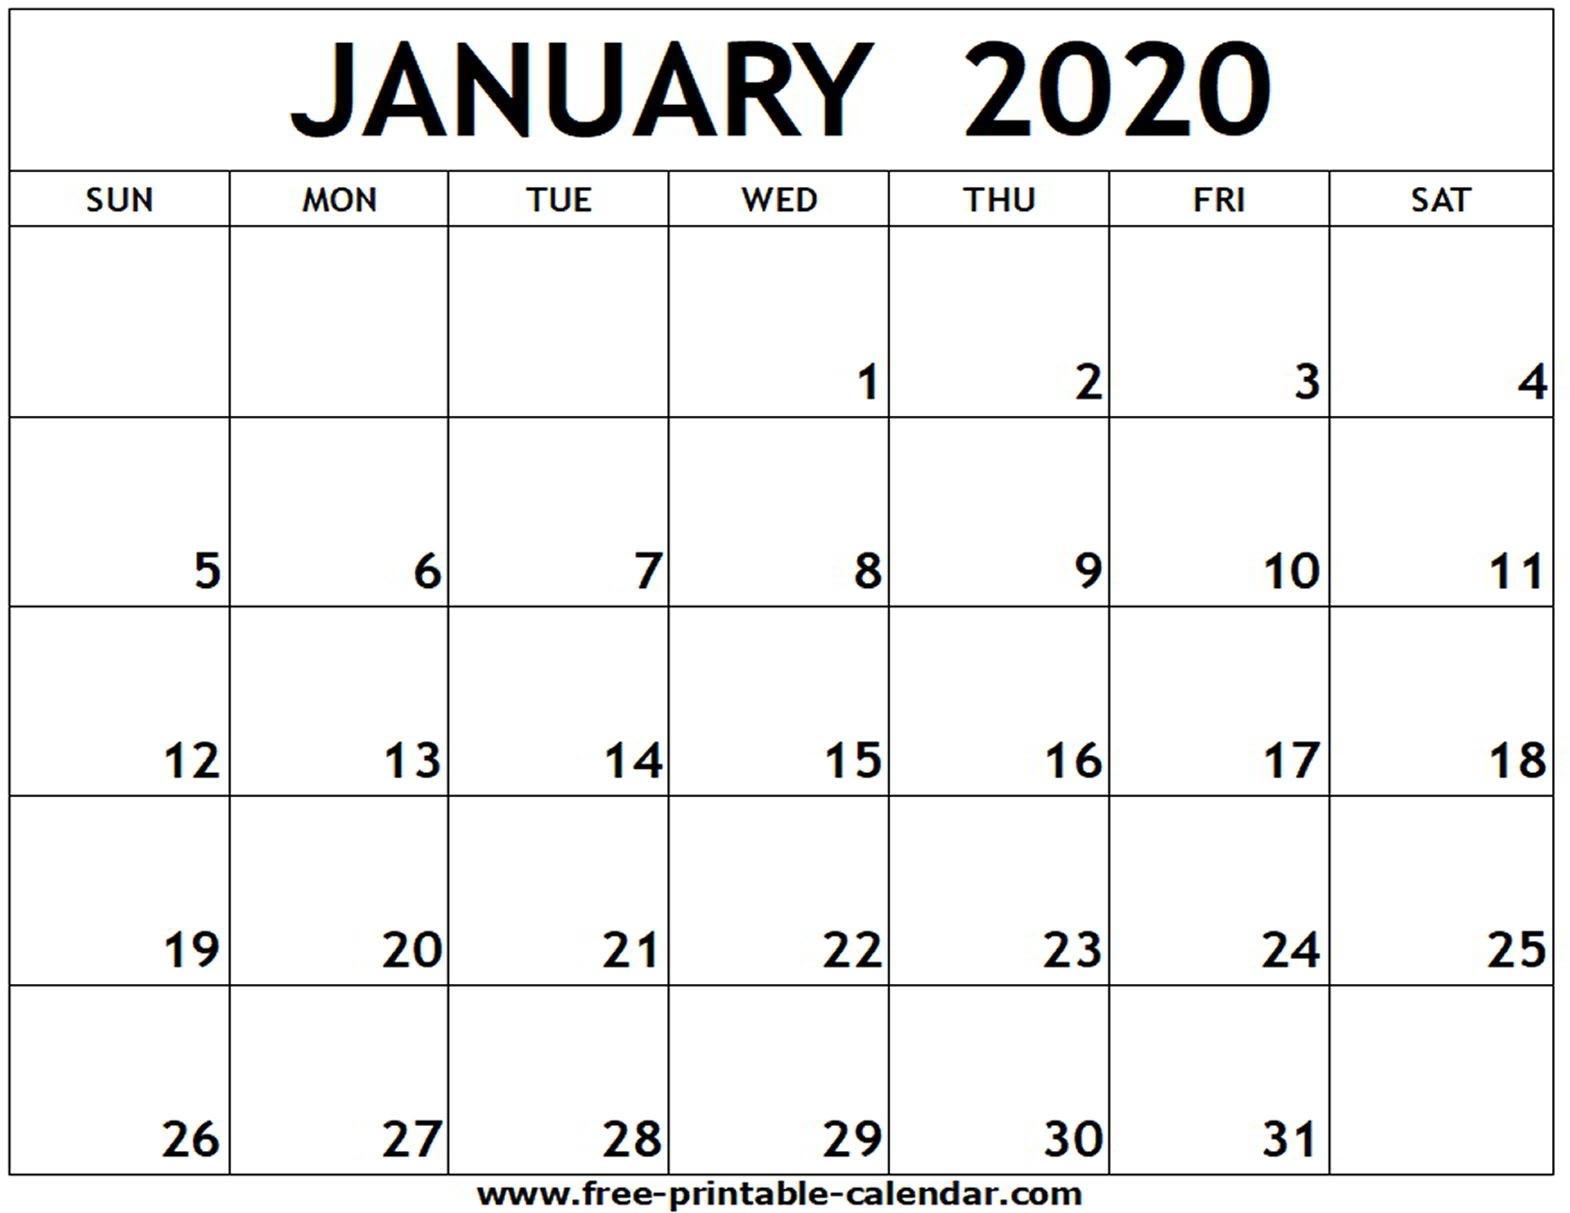 January 2020 Printable Calendar - Free-Printable-Calendar-January 2020 Calendar Canada Printable